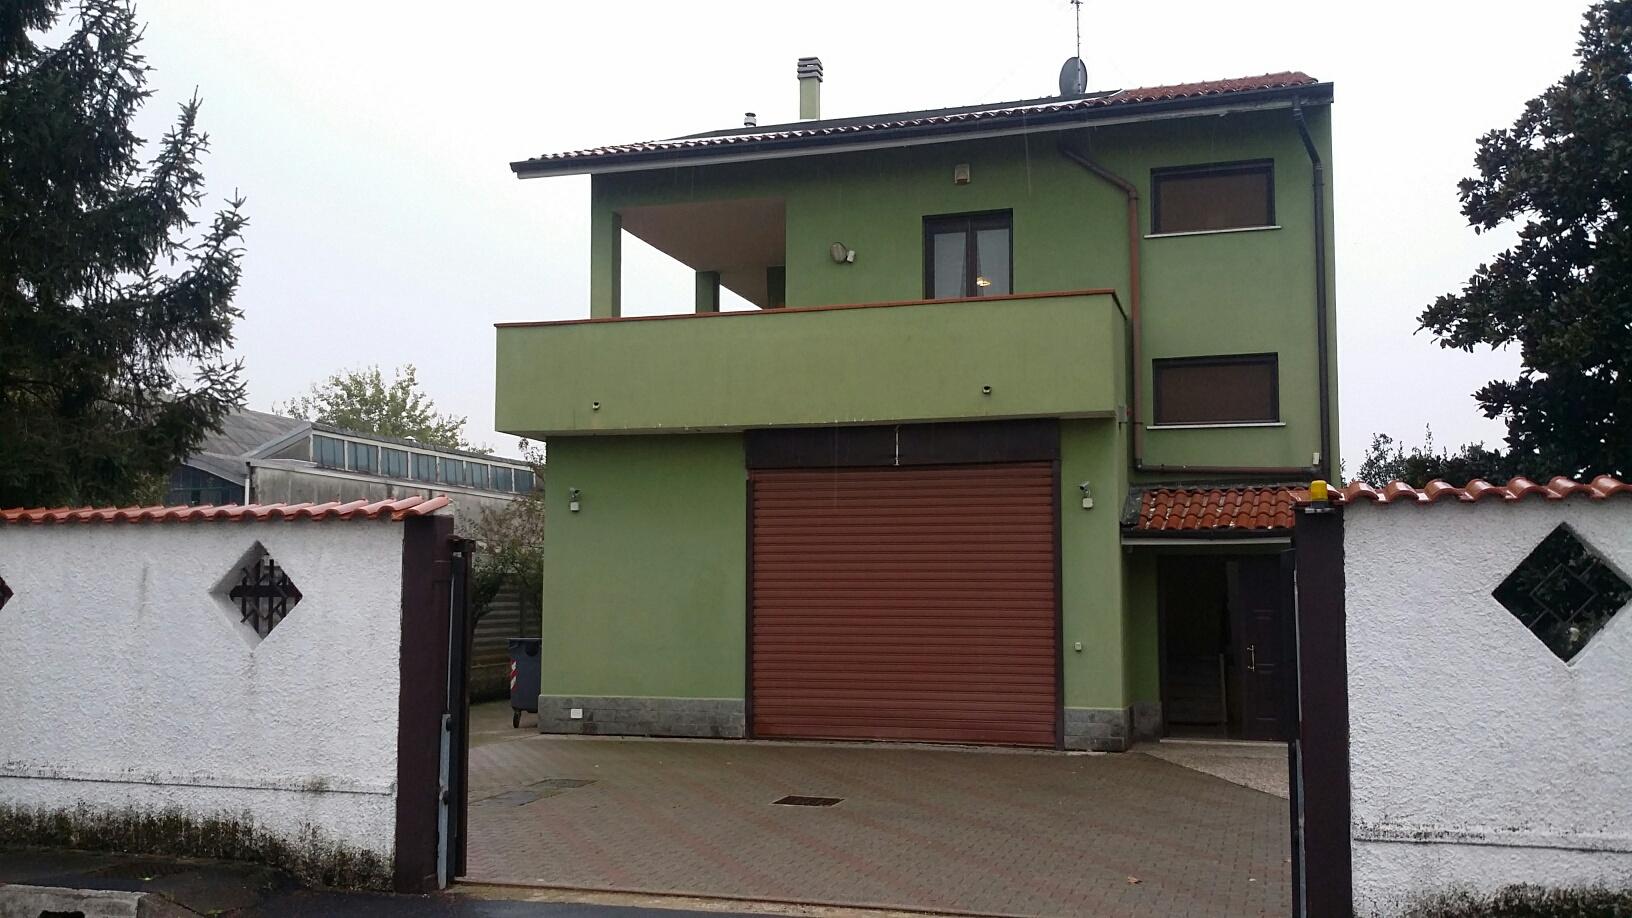 casa settimo milanese appartamenti e case in vendita On case in vendita settimo milanese